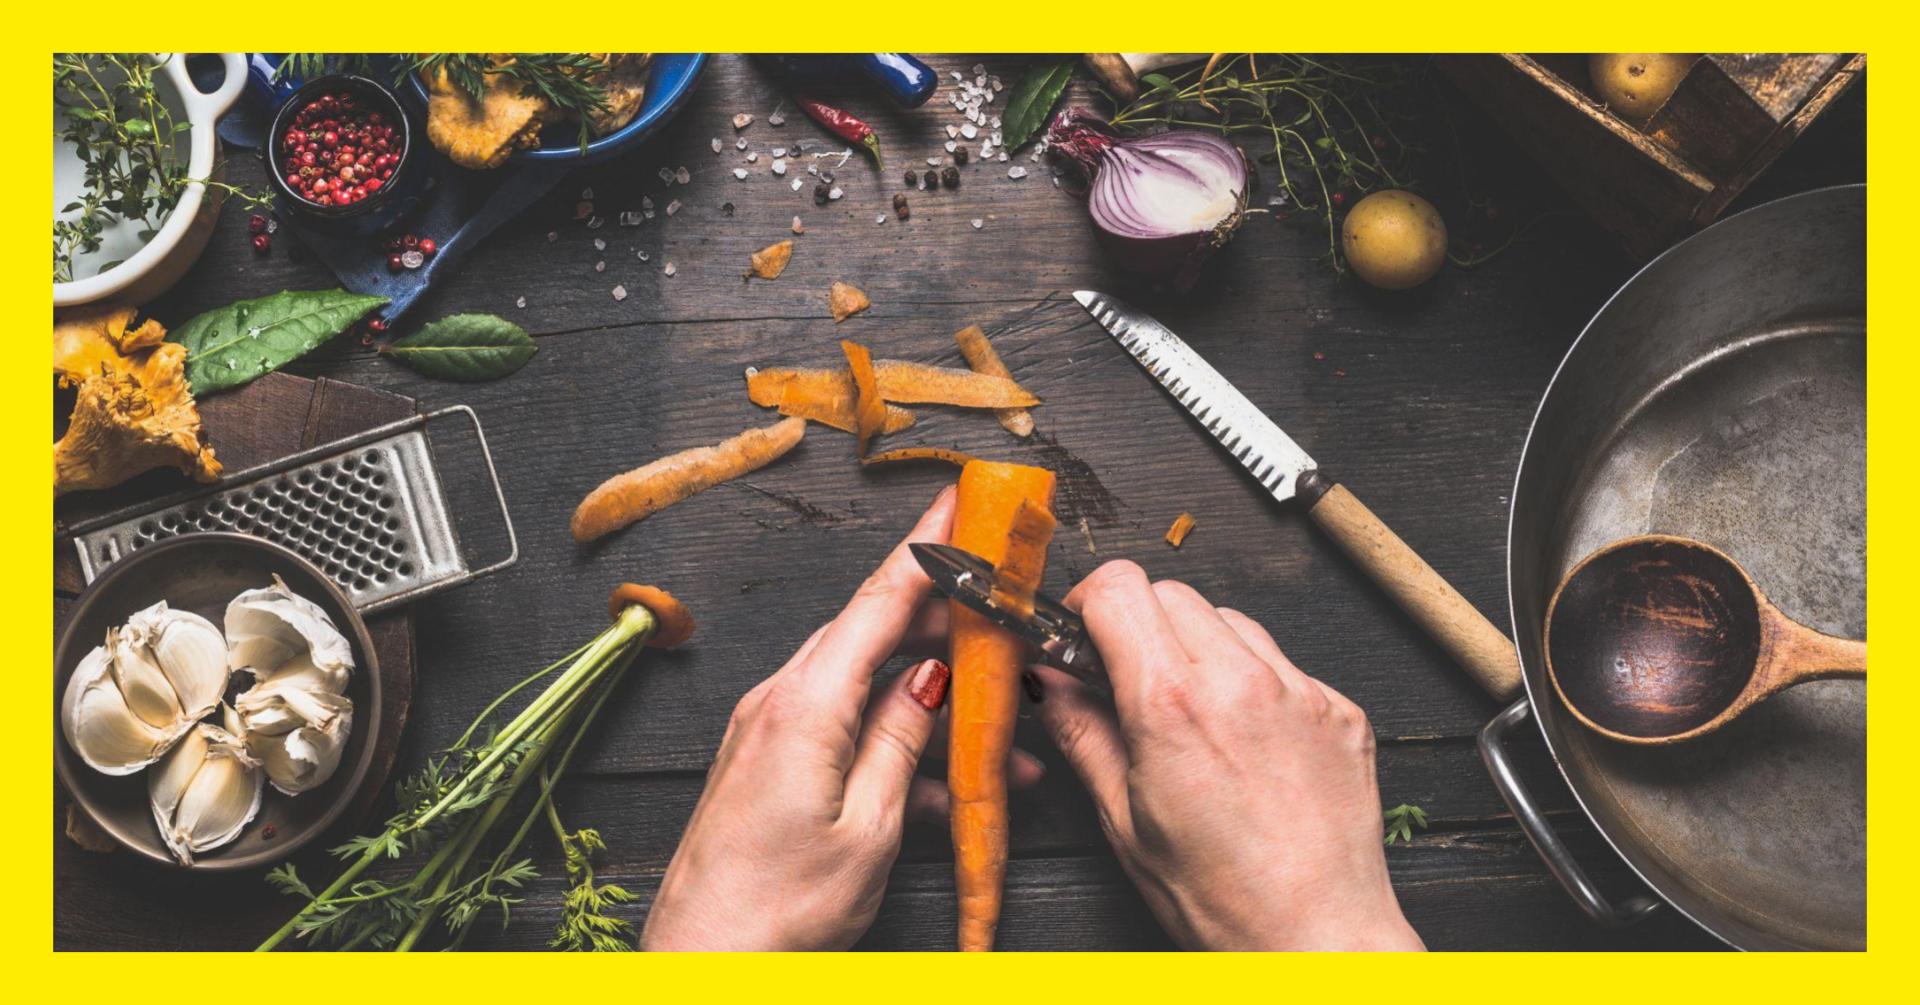 kädet kuorimassa porkkanaa, pöydällä vihanneksia